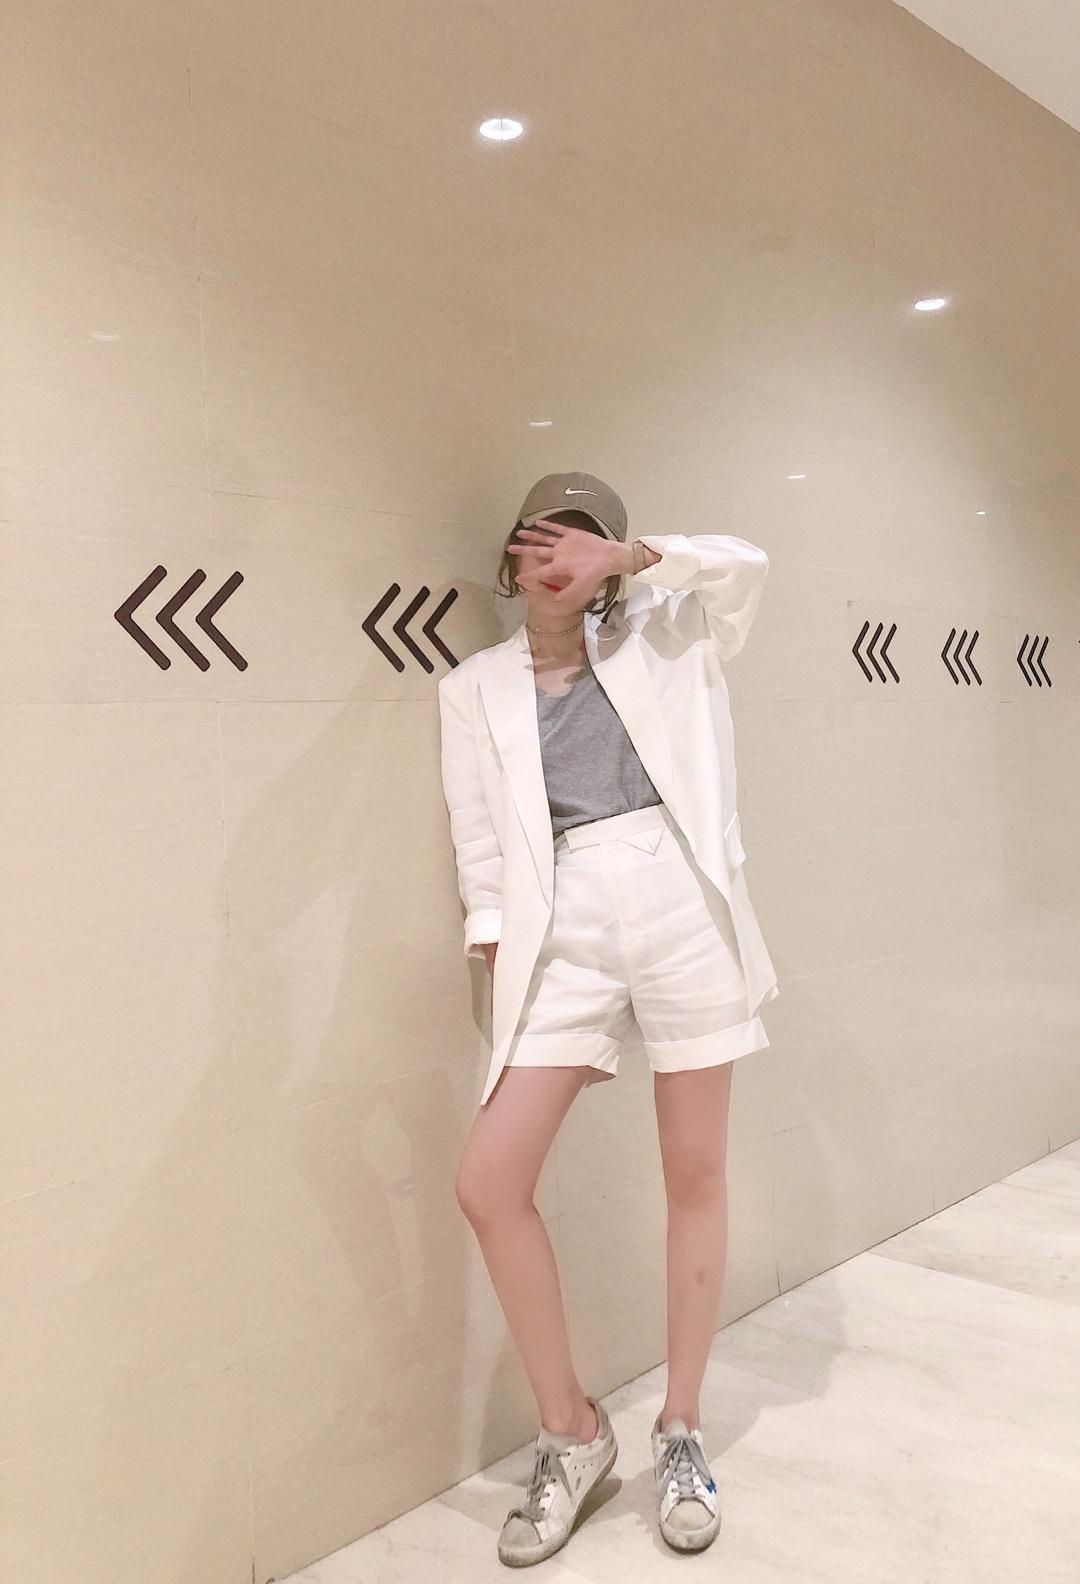 质感敲好的一套白西装,穿着太高大上拉,而且又很有气质,整体设计酷酷的,非常有设计感,我的菜#2019早秋流行第一弹#